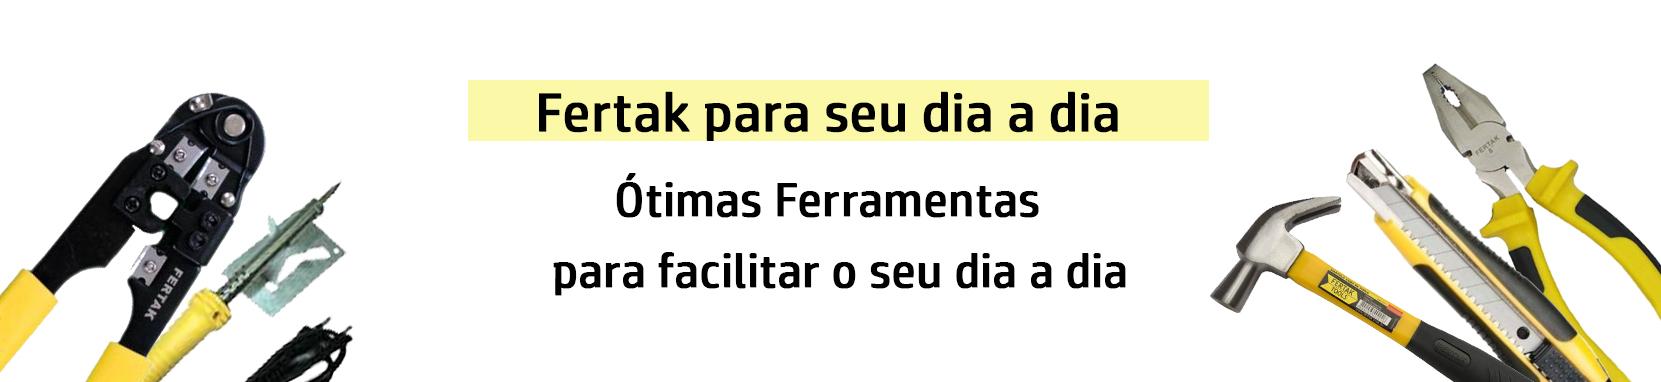 https://www.smnetseg.com.br/fertak